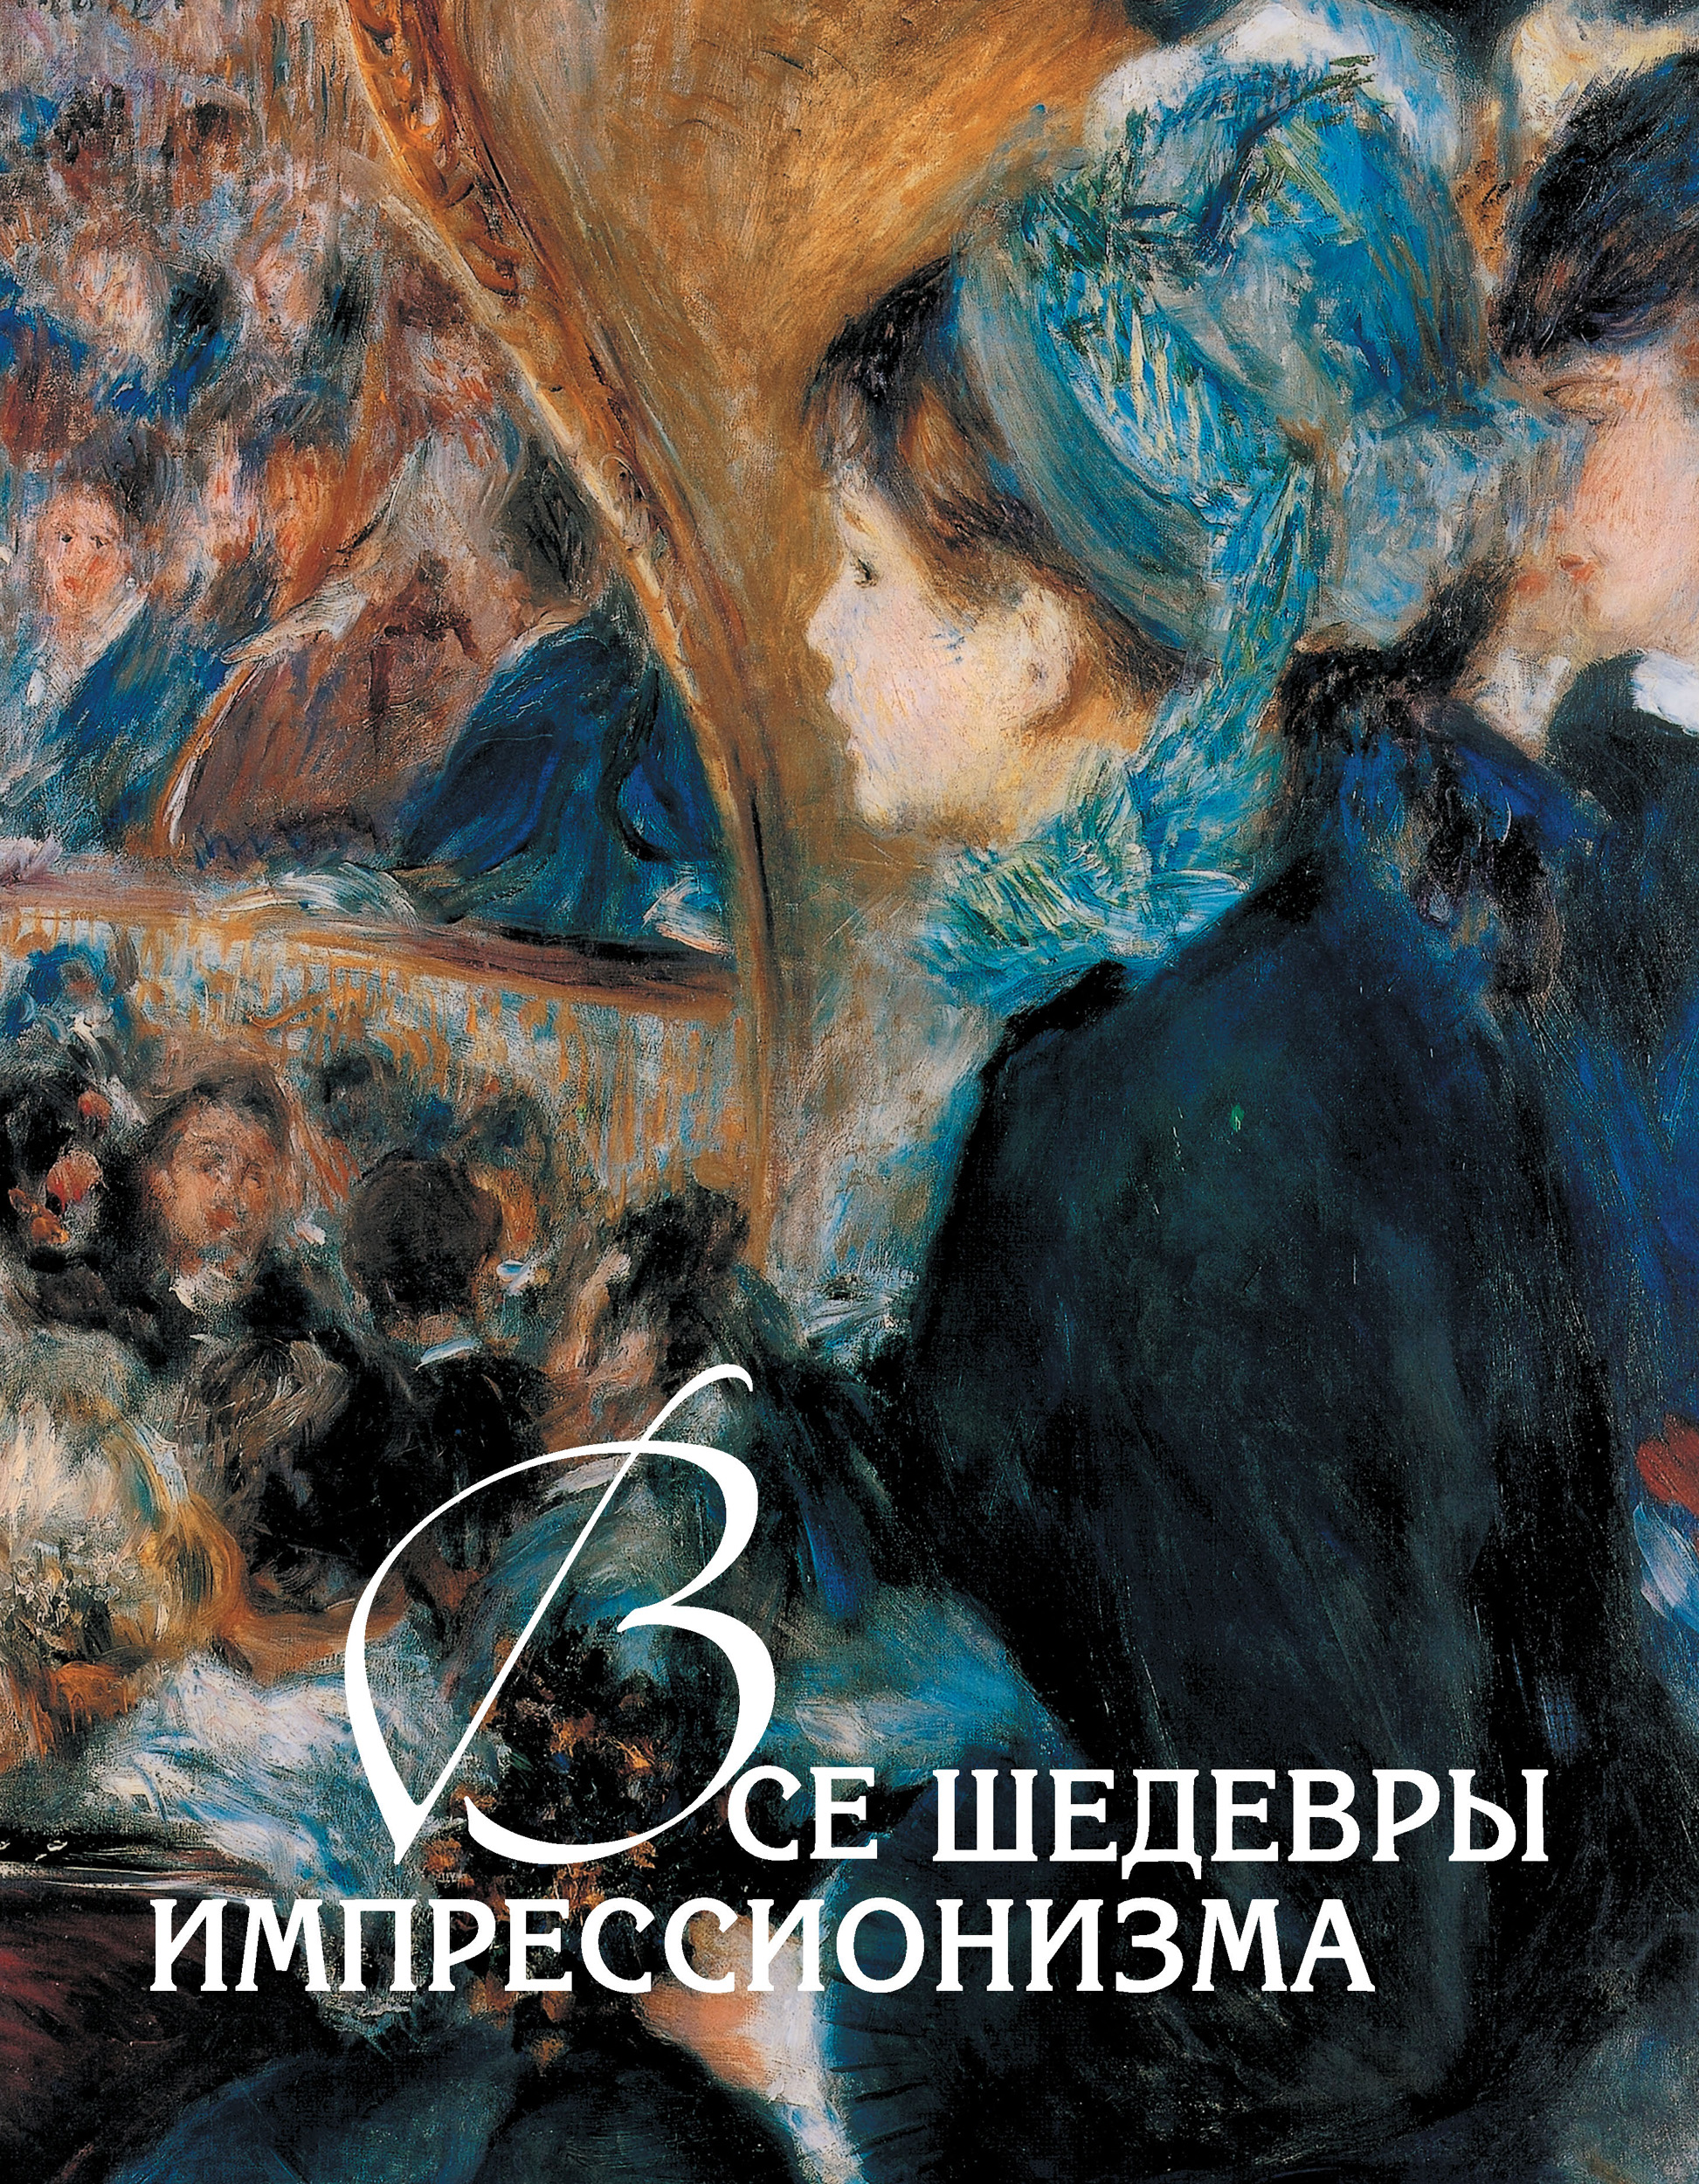 Екатерина Громова Все шедевры импрессионизма громова е торопыгина м аксенюк о моне ренуар дега мастера импрессионизма